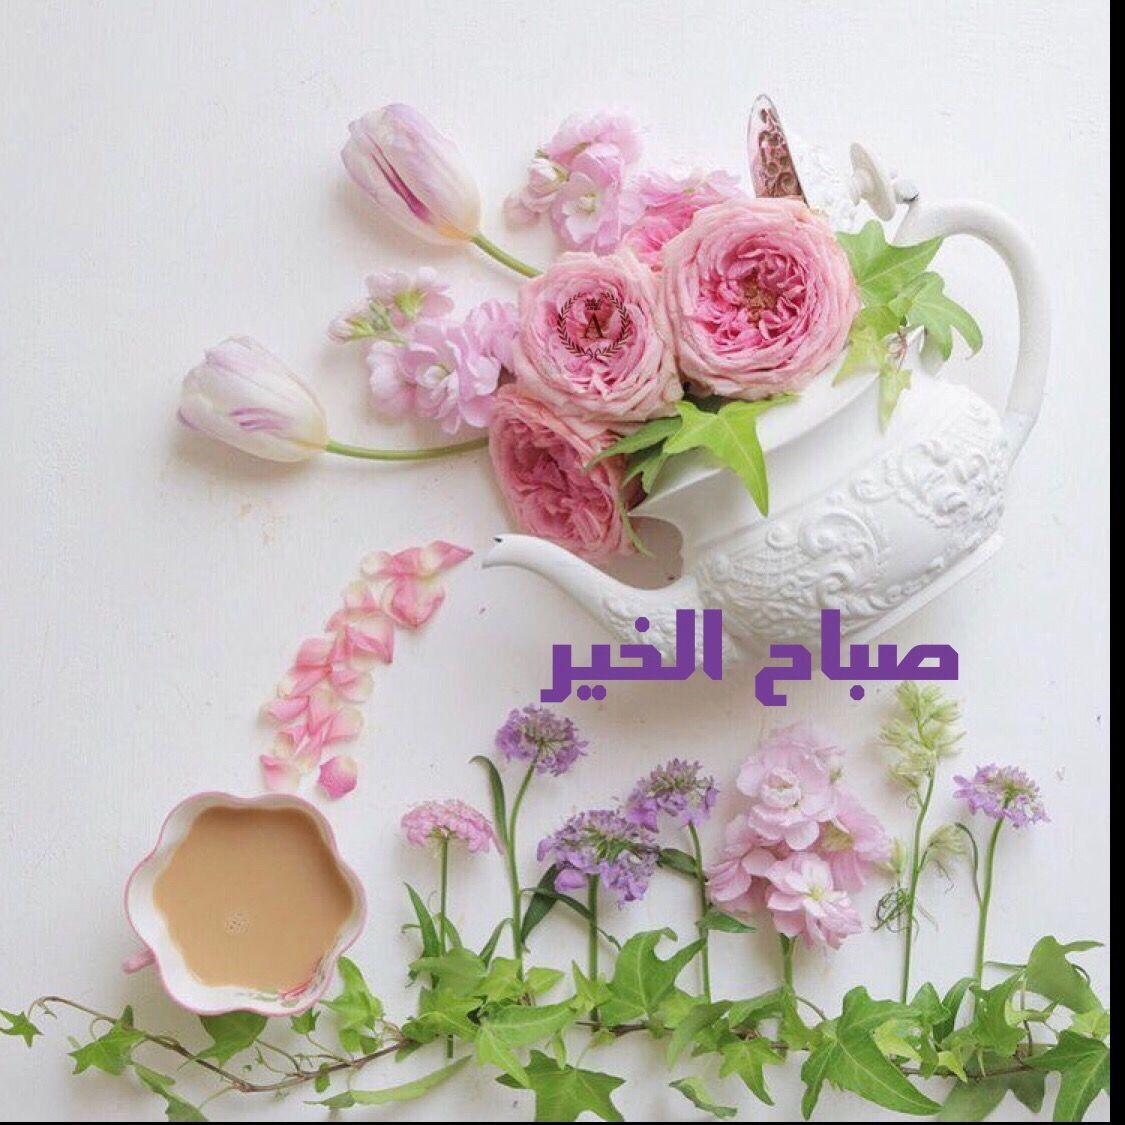 صور كلمات صباحيه , عبارات ورسائل صباحية جميلة